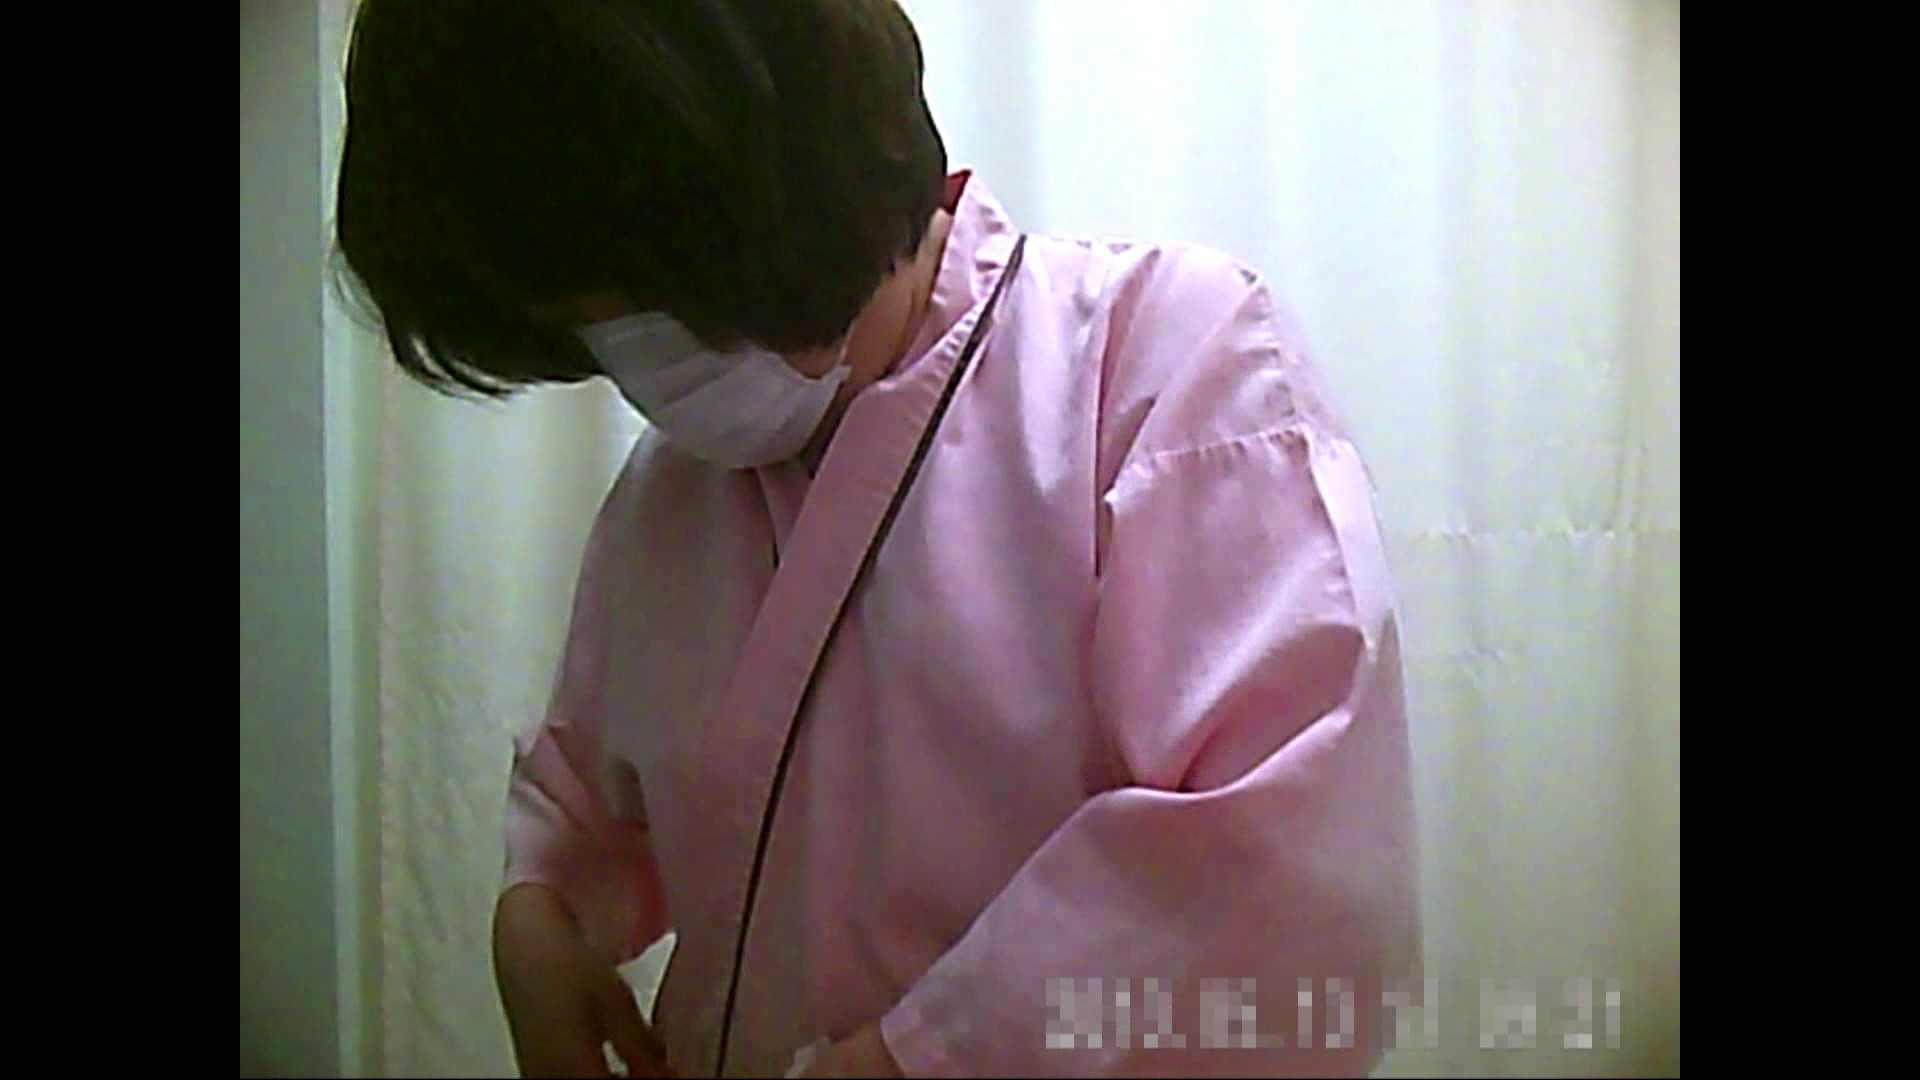 病院おもいっきり着替え! vol.212 巨乳 | 貧乳編  67画像 41